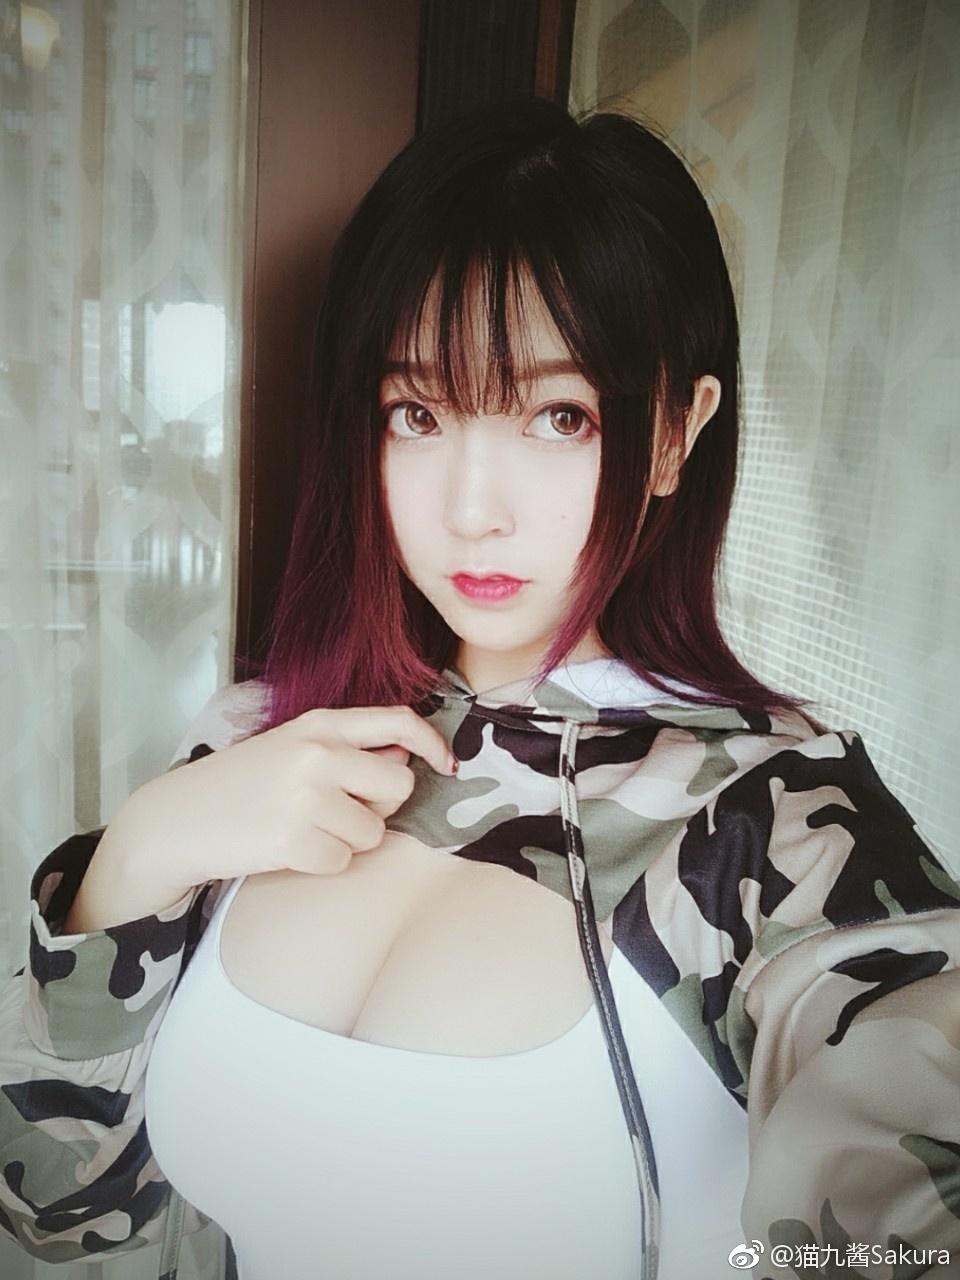 猫九酱Sakurahey~你的猫某人掉了[二哈] _美女福利图片